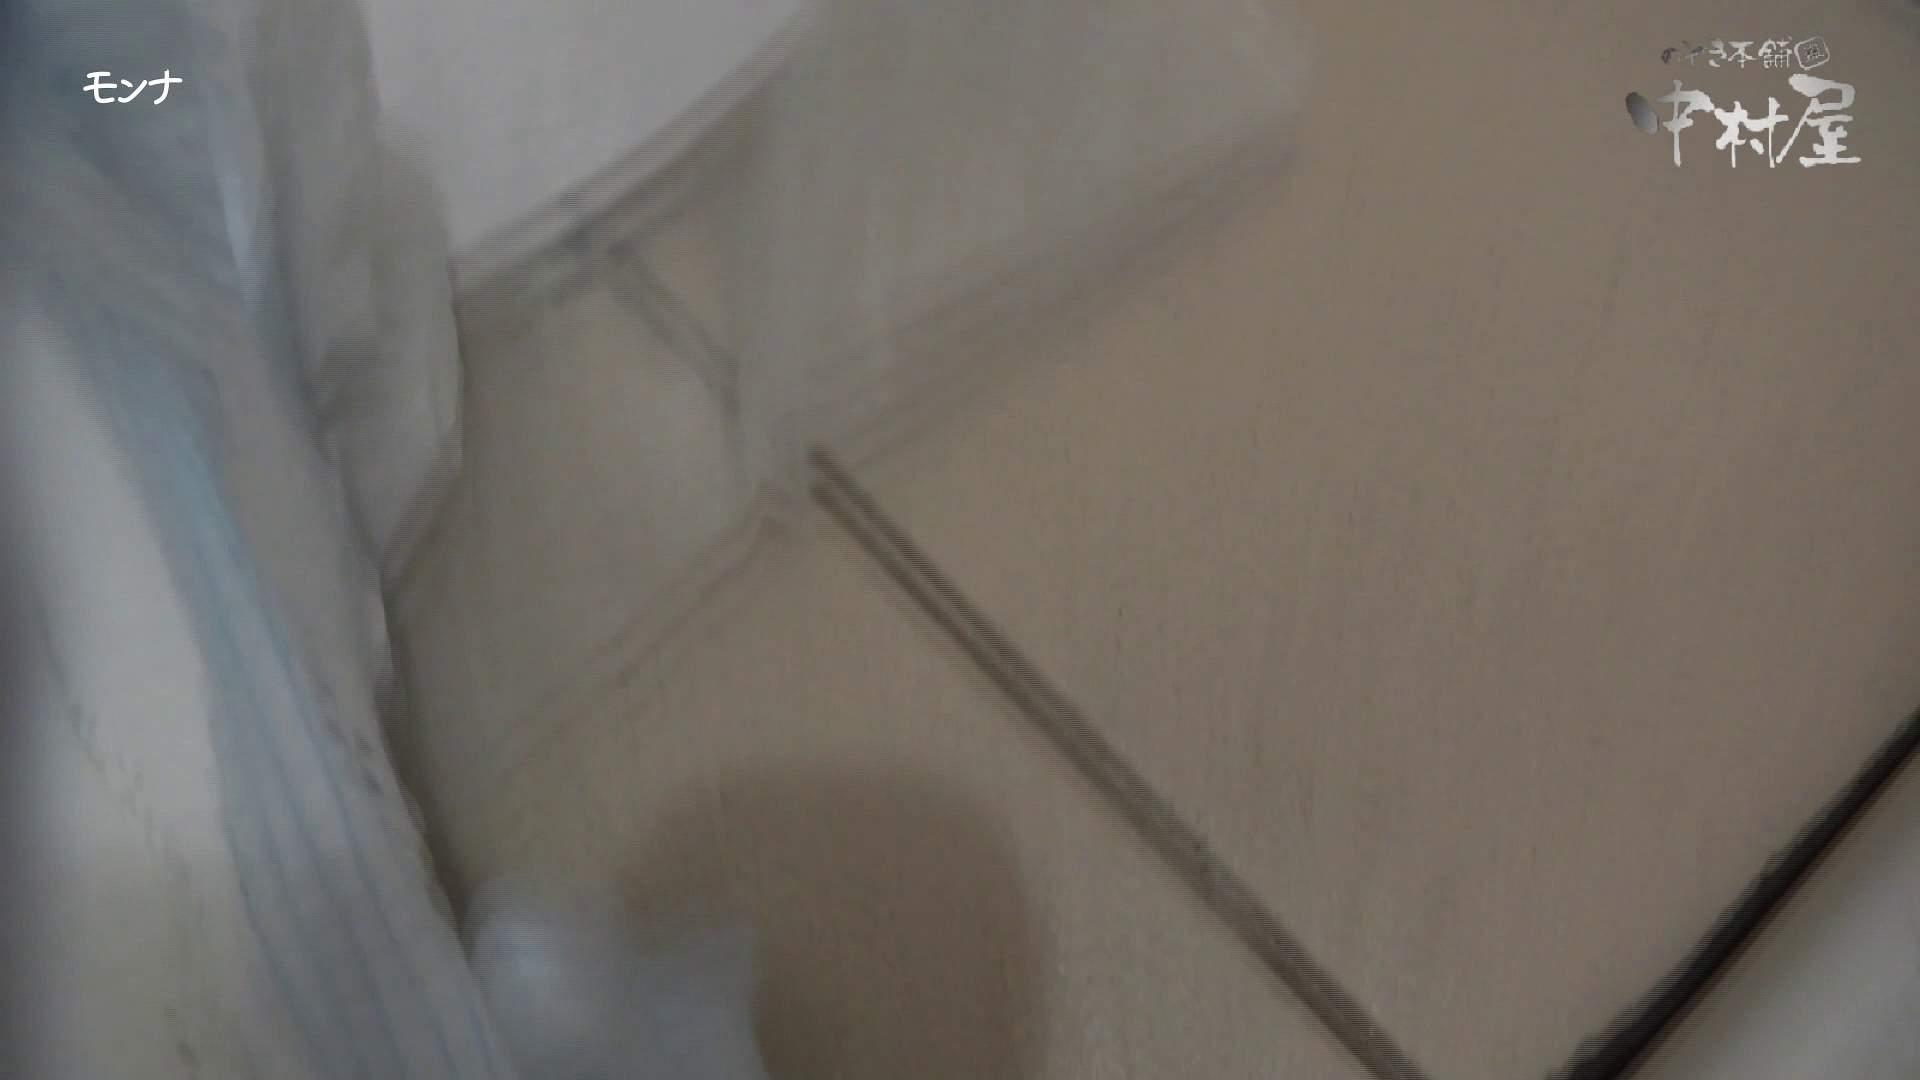 【美しい日本の未来】美しい日本の未来 No.45 盗撮シリーズ  81PIX 58